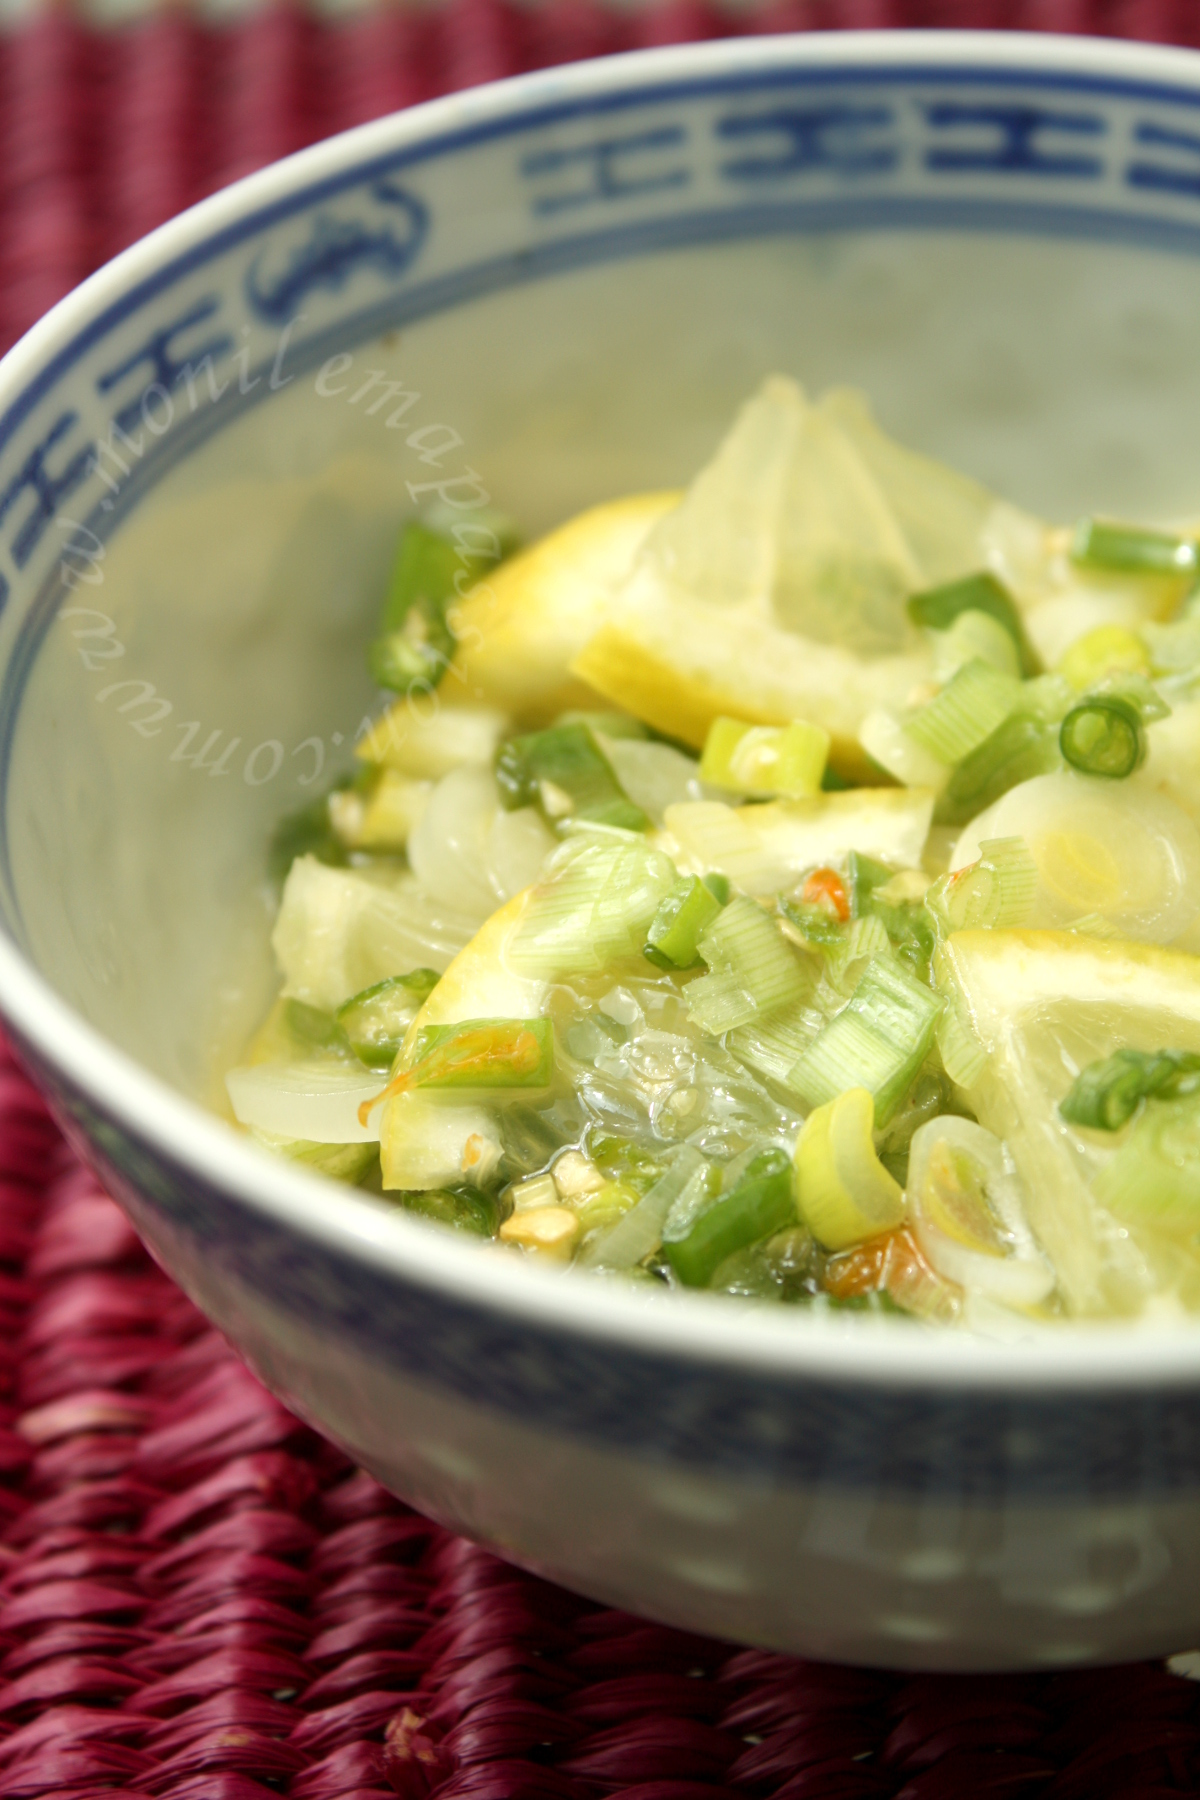 Rougail citron aux oignons verts - Chives & Lemon rougail